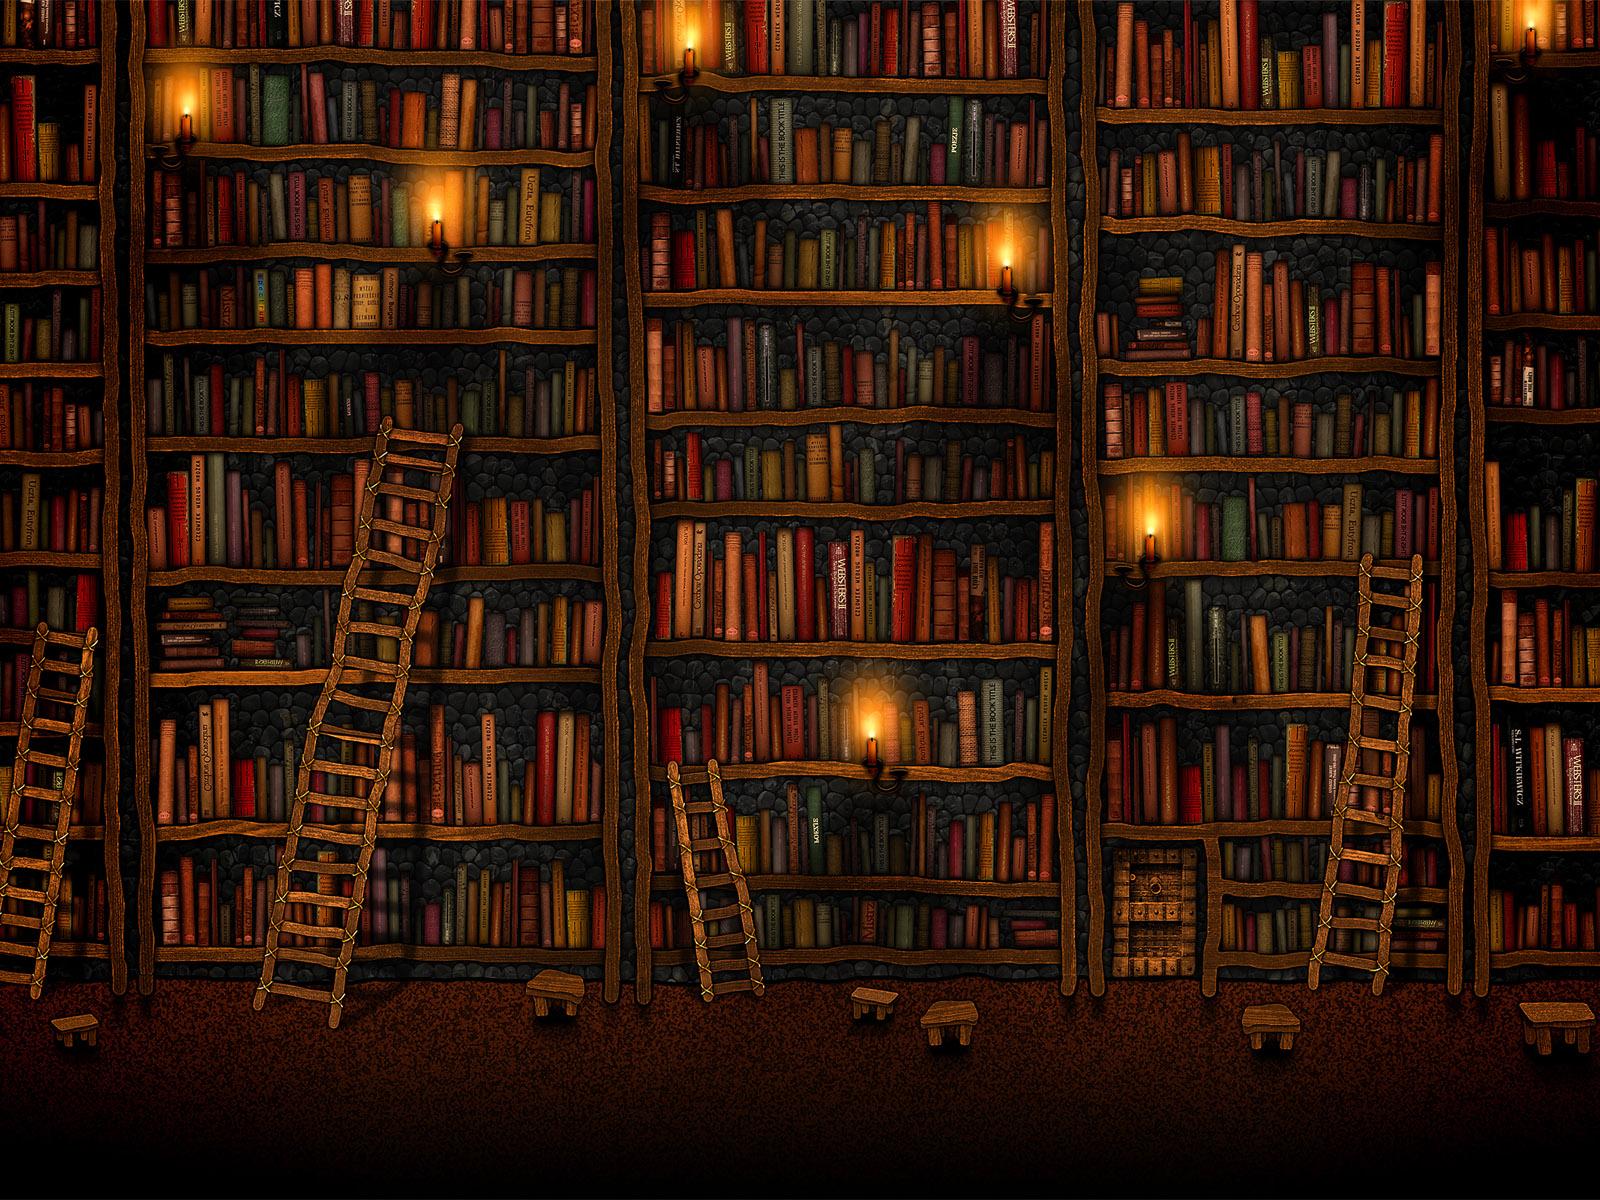 Ficha de Mitsuko Alector Drawn_wallpapers_Books_010861_